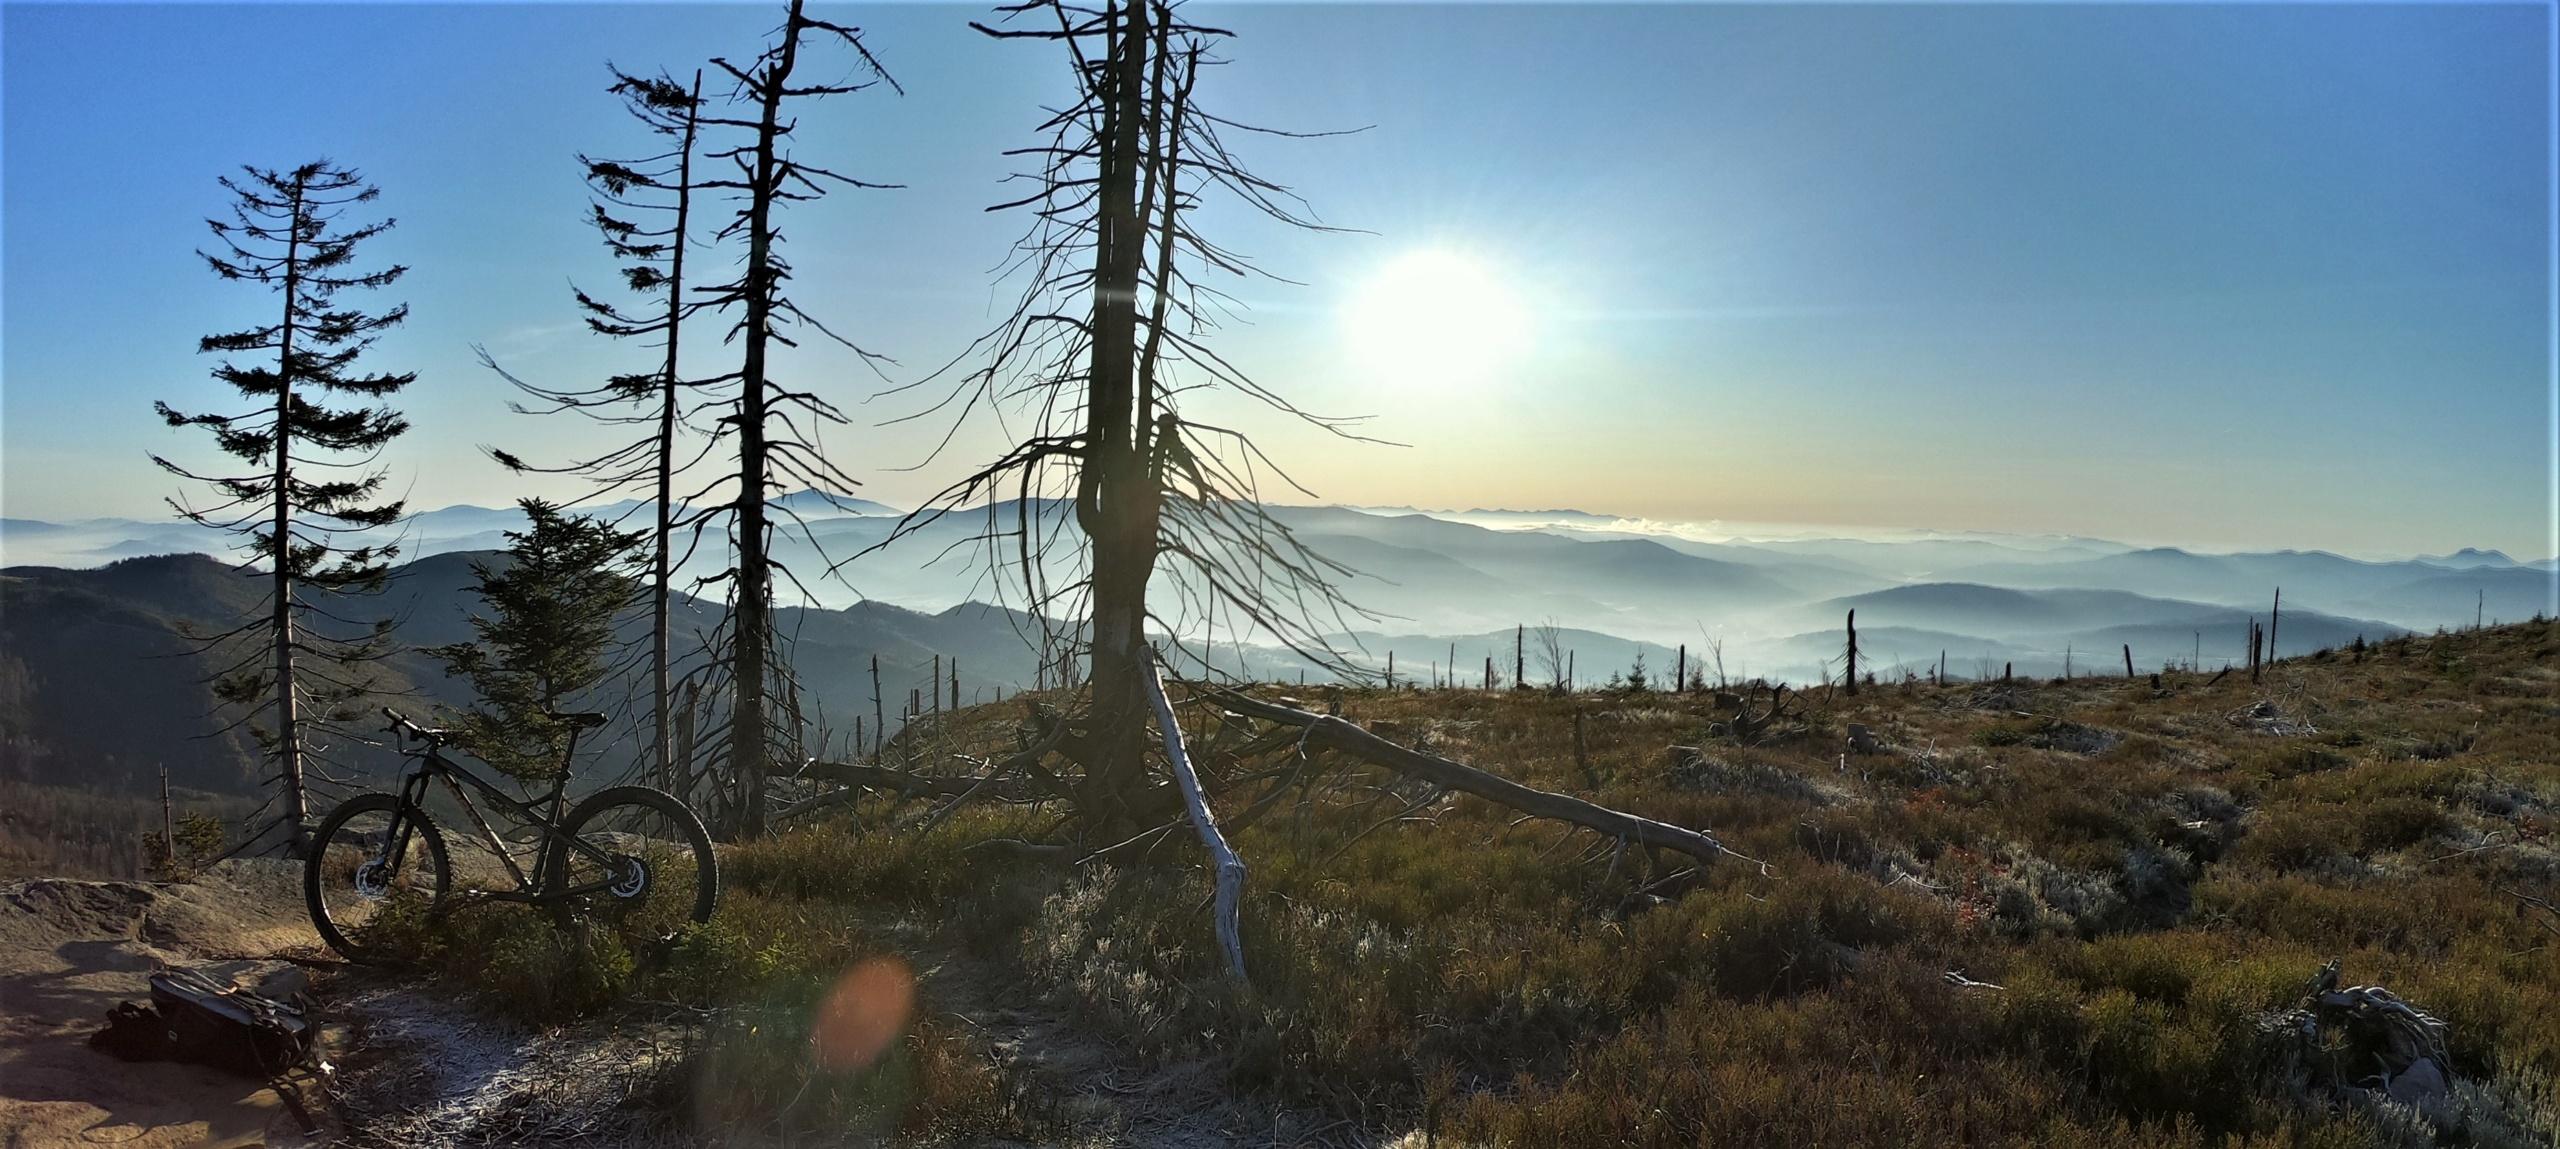 Barania Góra rowerem jedno najpiękniejsze z miejsc w Beskidzie Śląskim